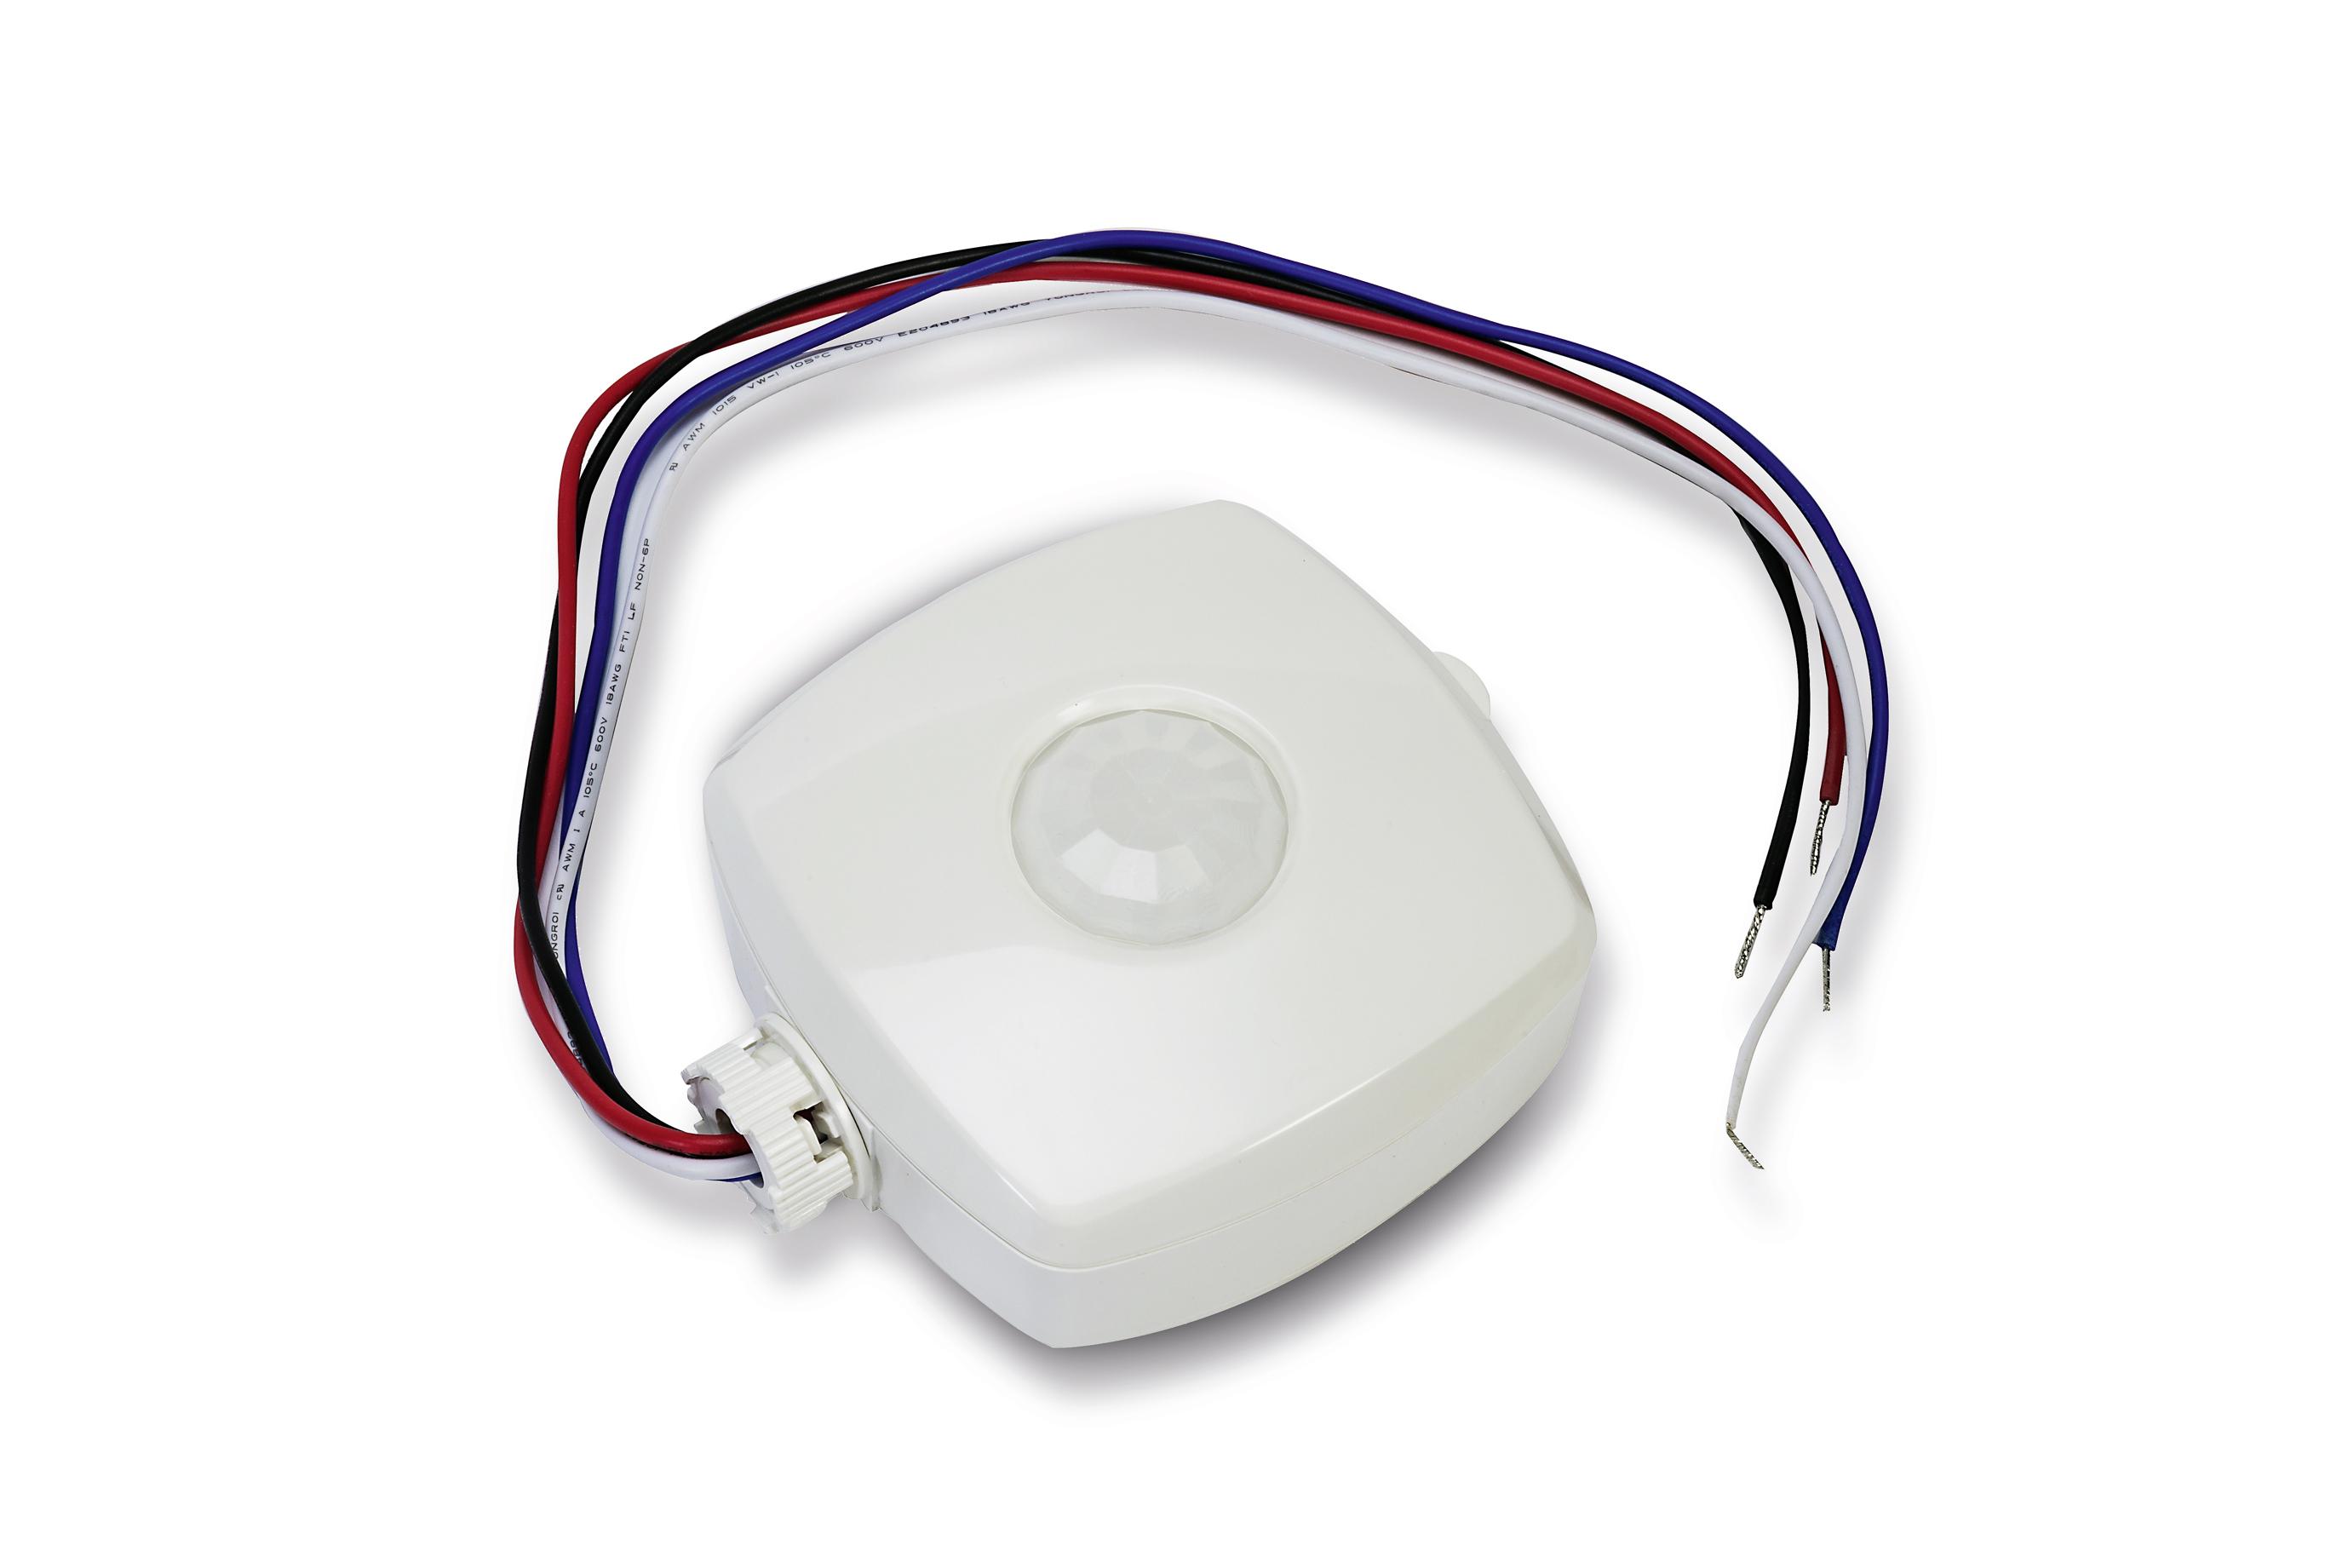 Nordic Semi's BLE SoC Enables Light Dimming Via Mesh Network